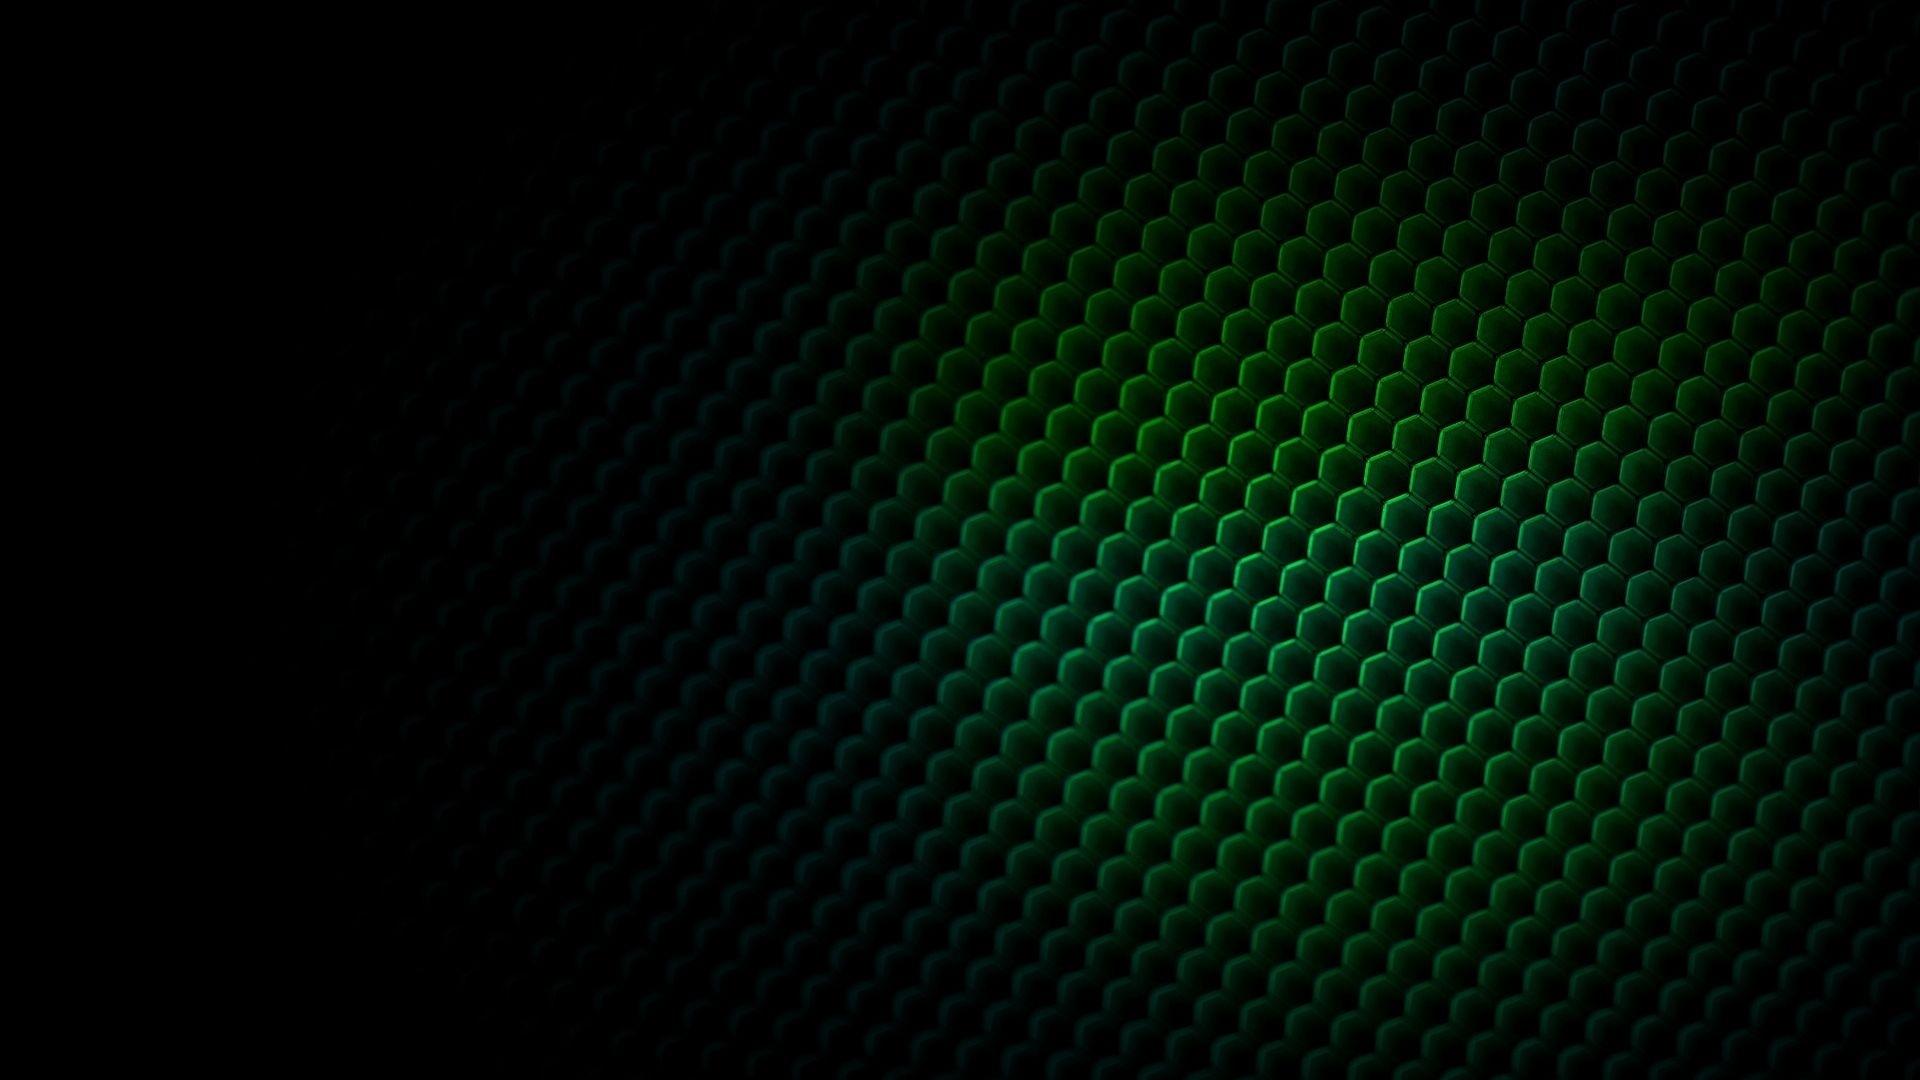 dark green wallpaper hd - wallpapersafari | best games wallpapers